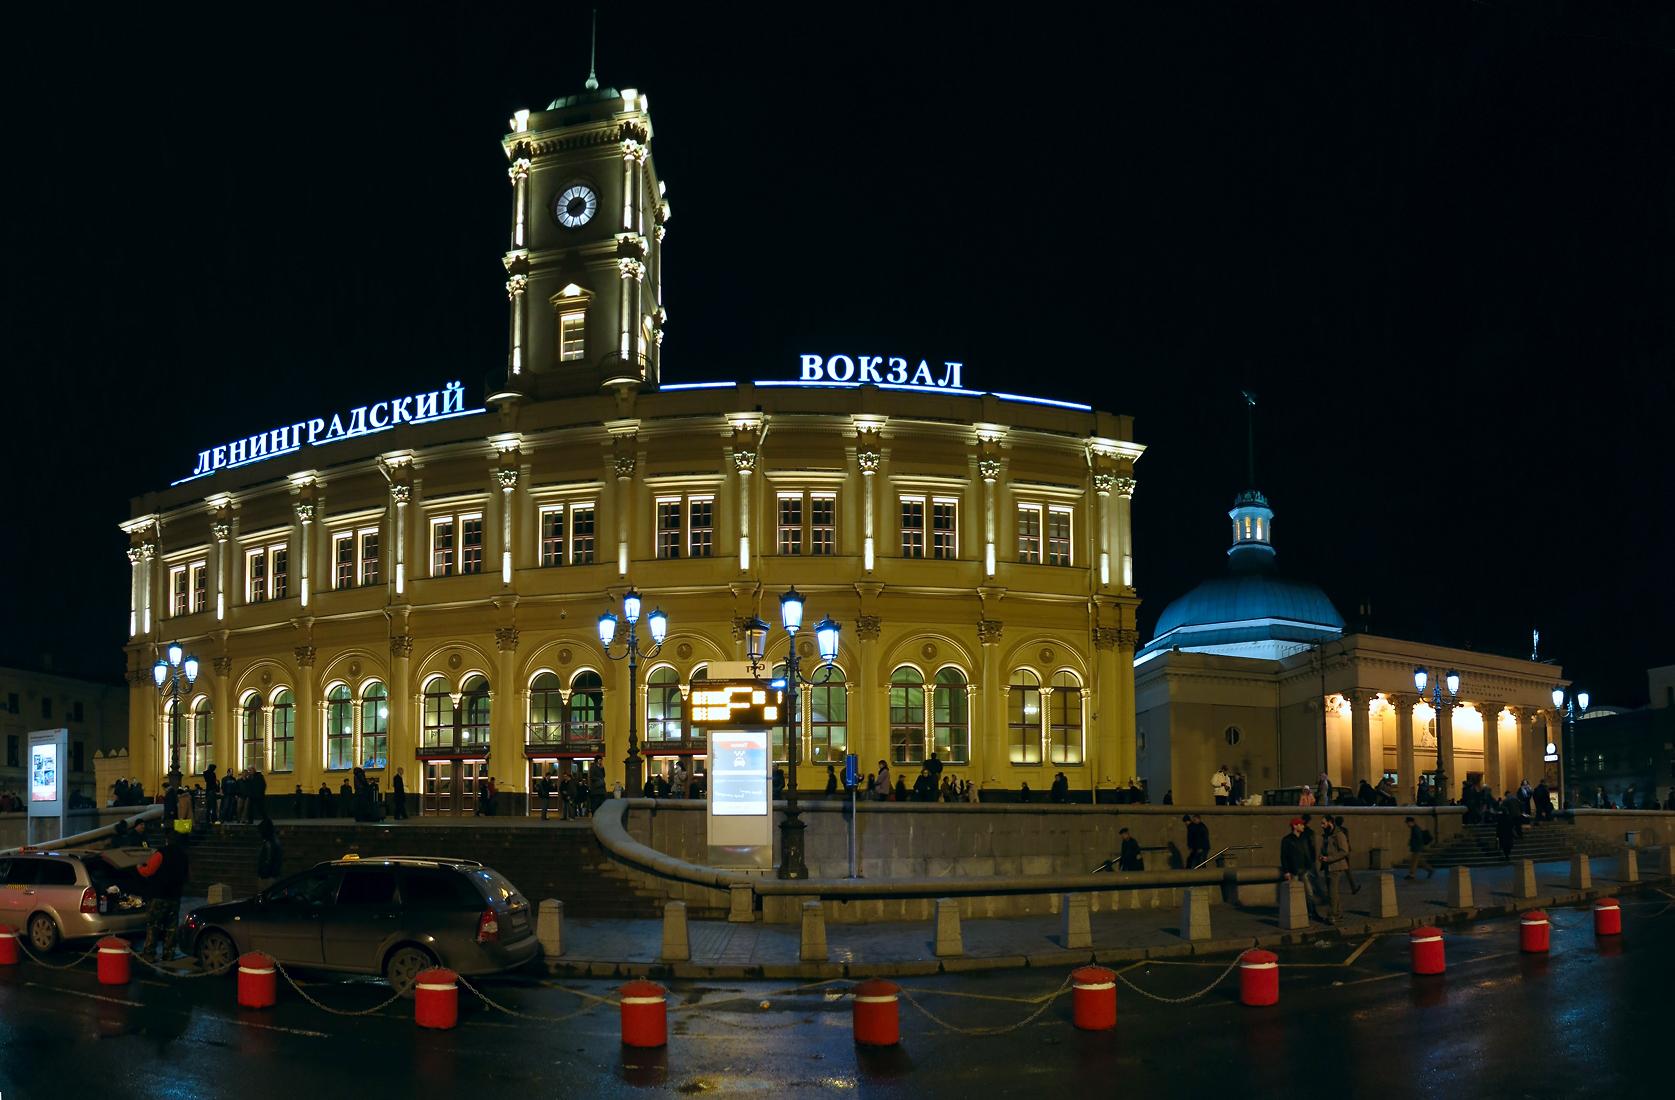 Фото панорамы ленингадского вокзала москвы 4